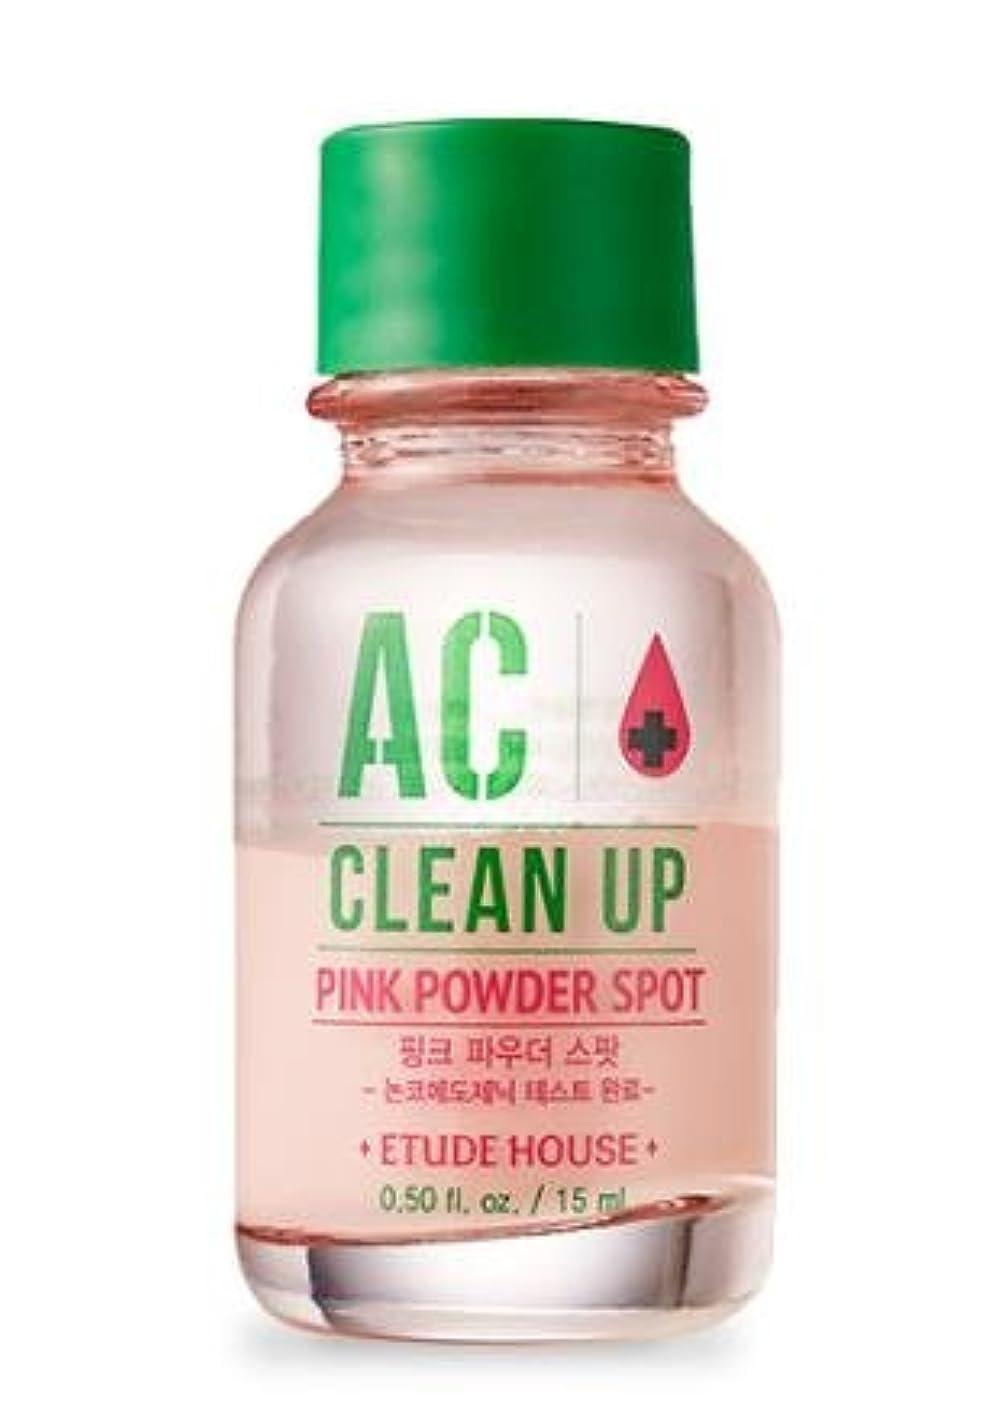 キャップ幾分所有権ETUDE HOUSE AC Clean Up Pink Powder Spot 15ml エチュードハウスACクリーンアップピンクパウダースポット [並行輸入品]